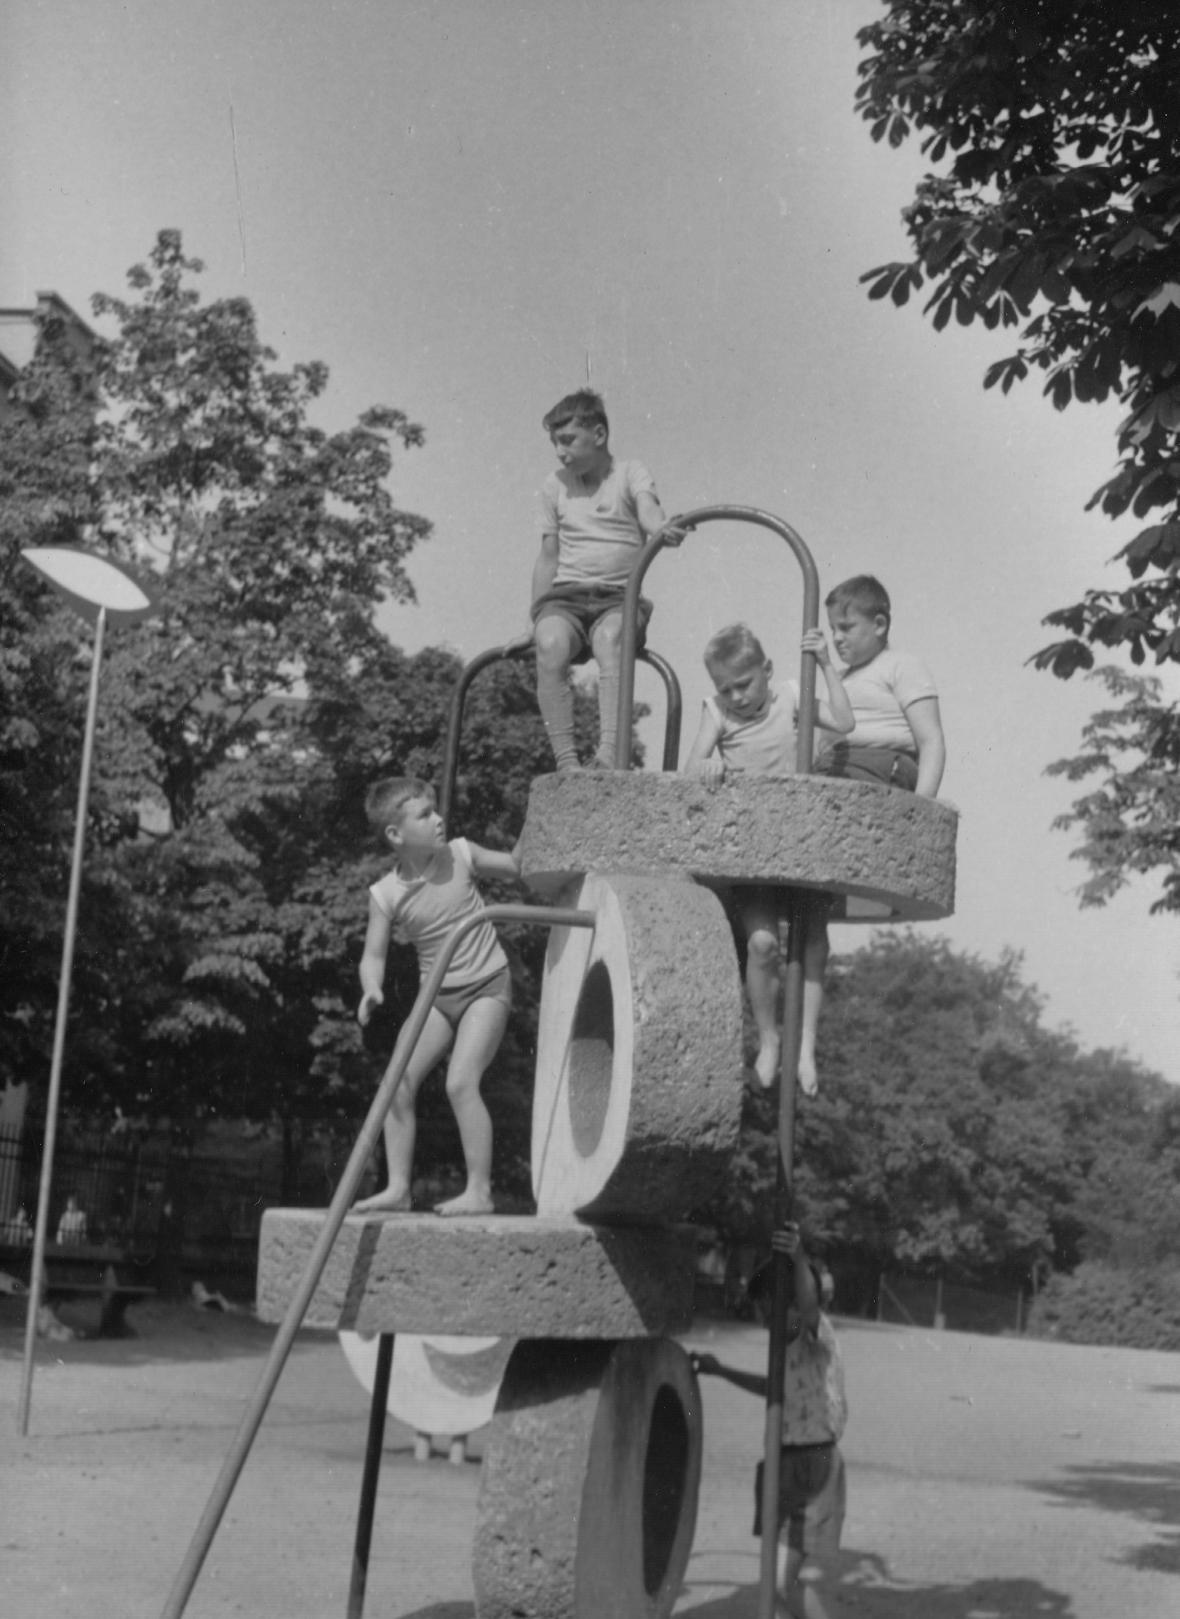 Prolézací věž na dětském hřišti ve Stromovce (1961)